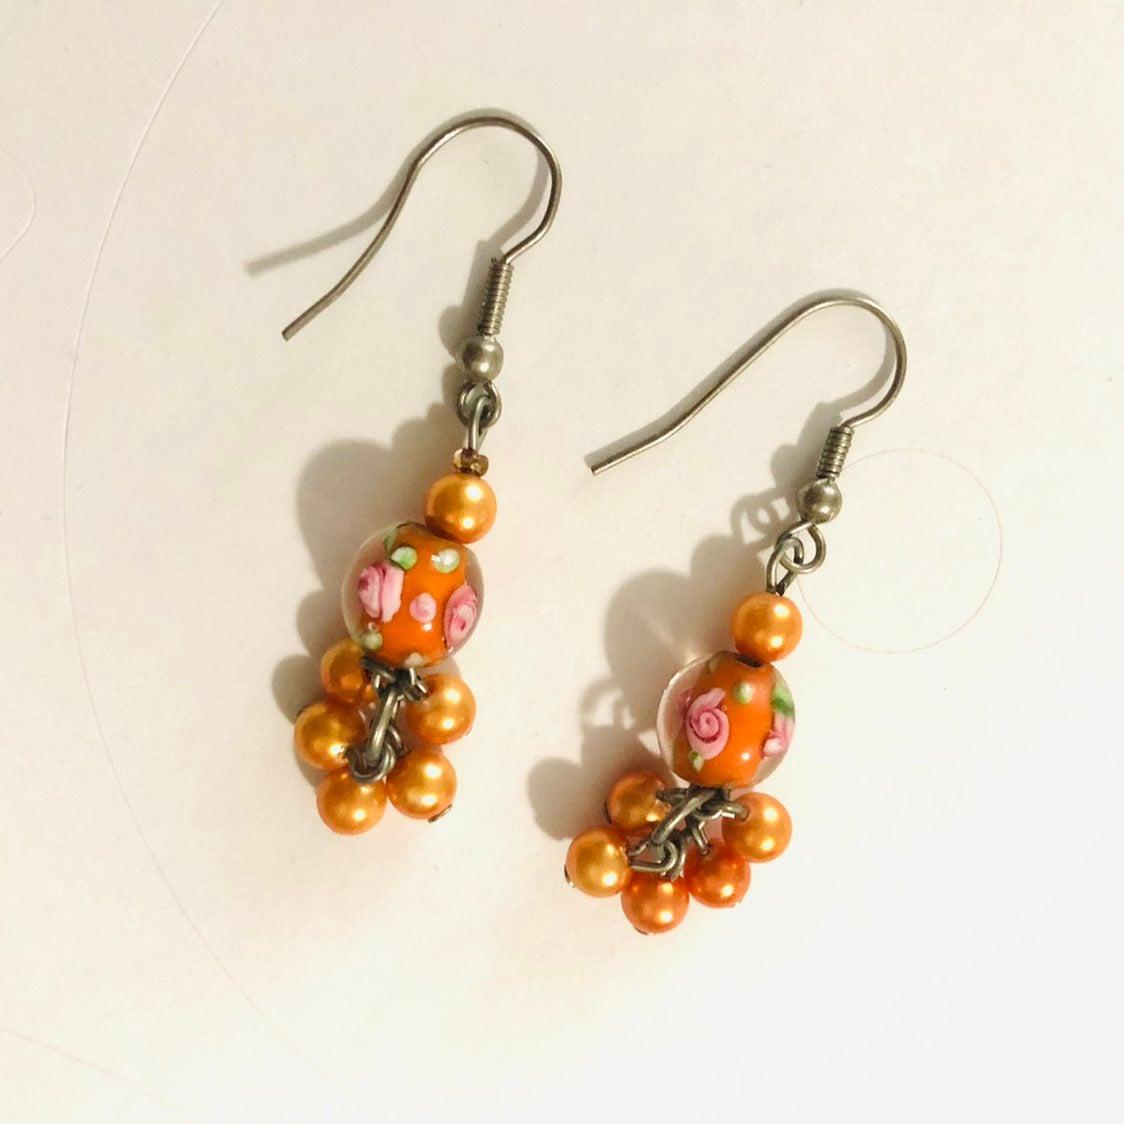 Orange drop Earrings - new